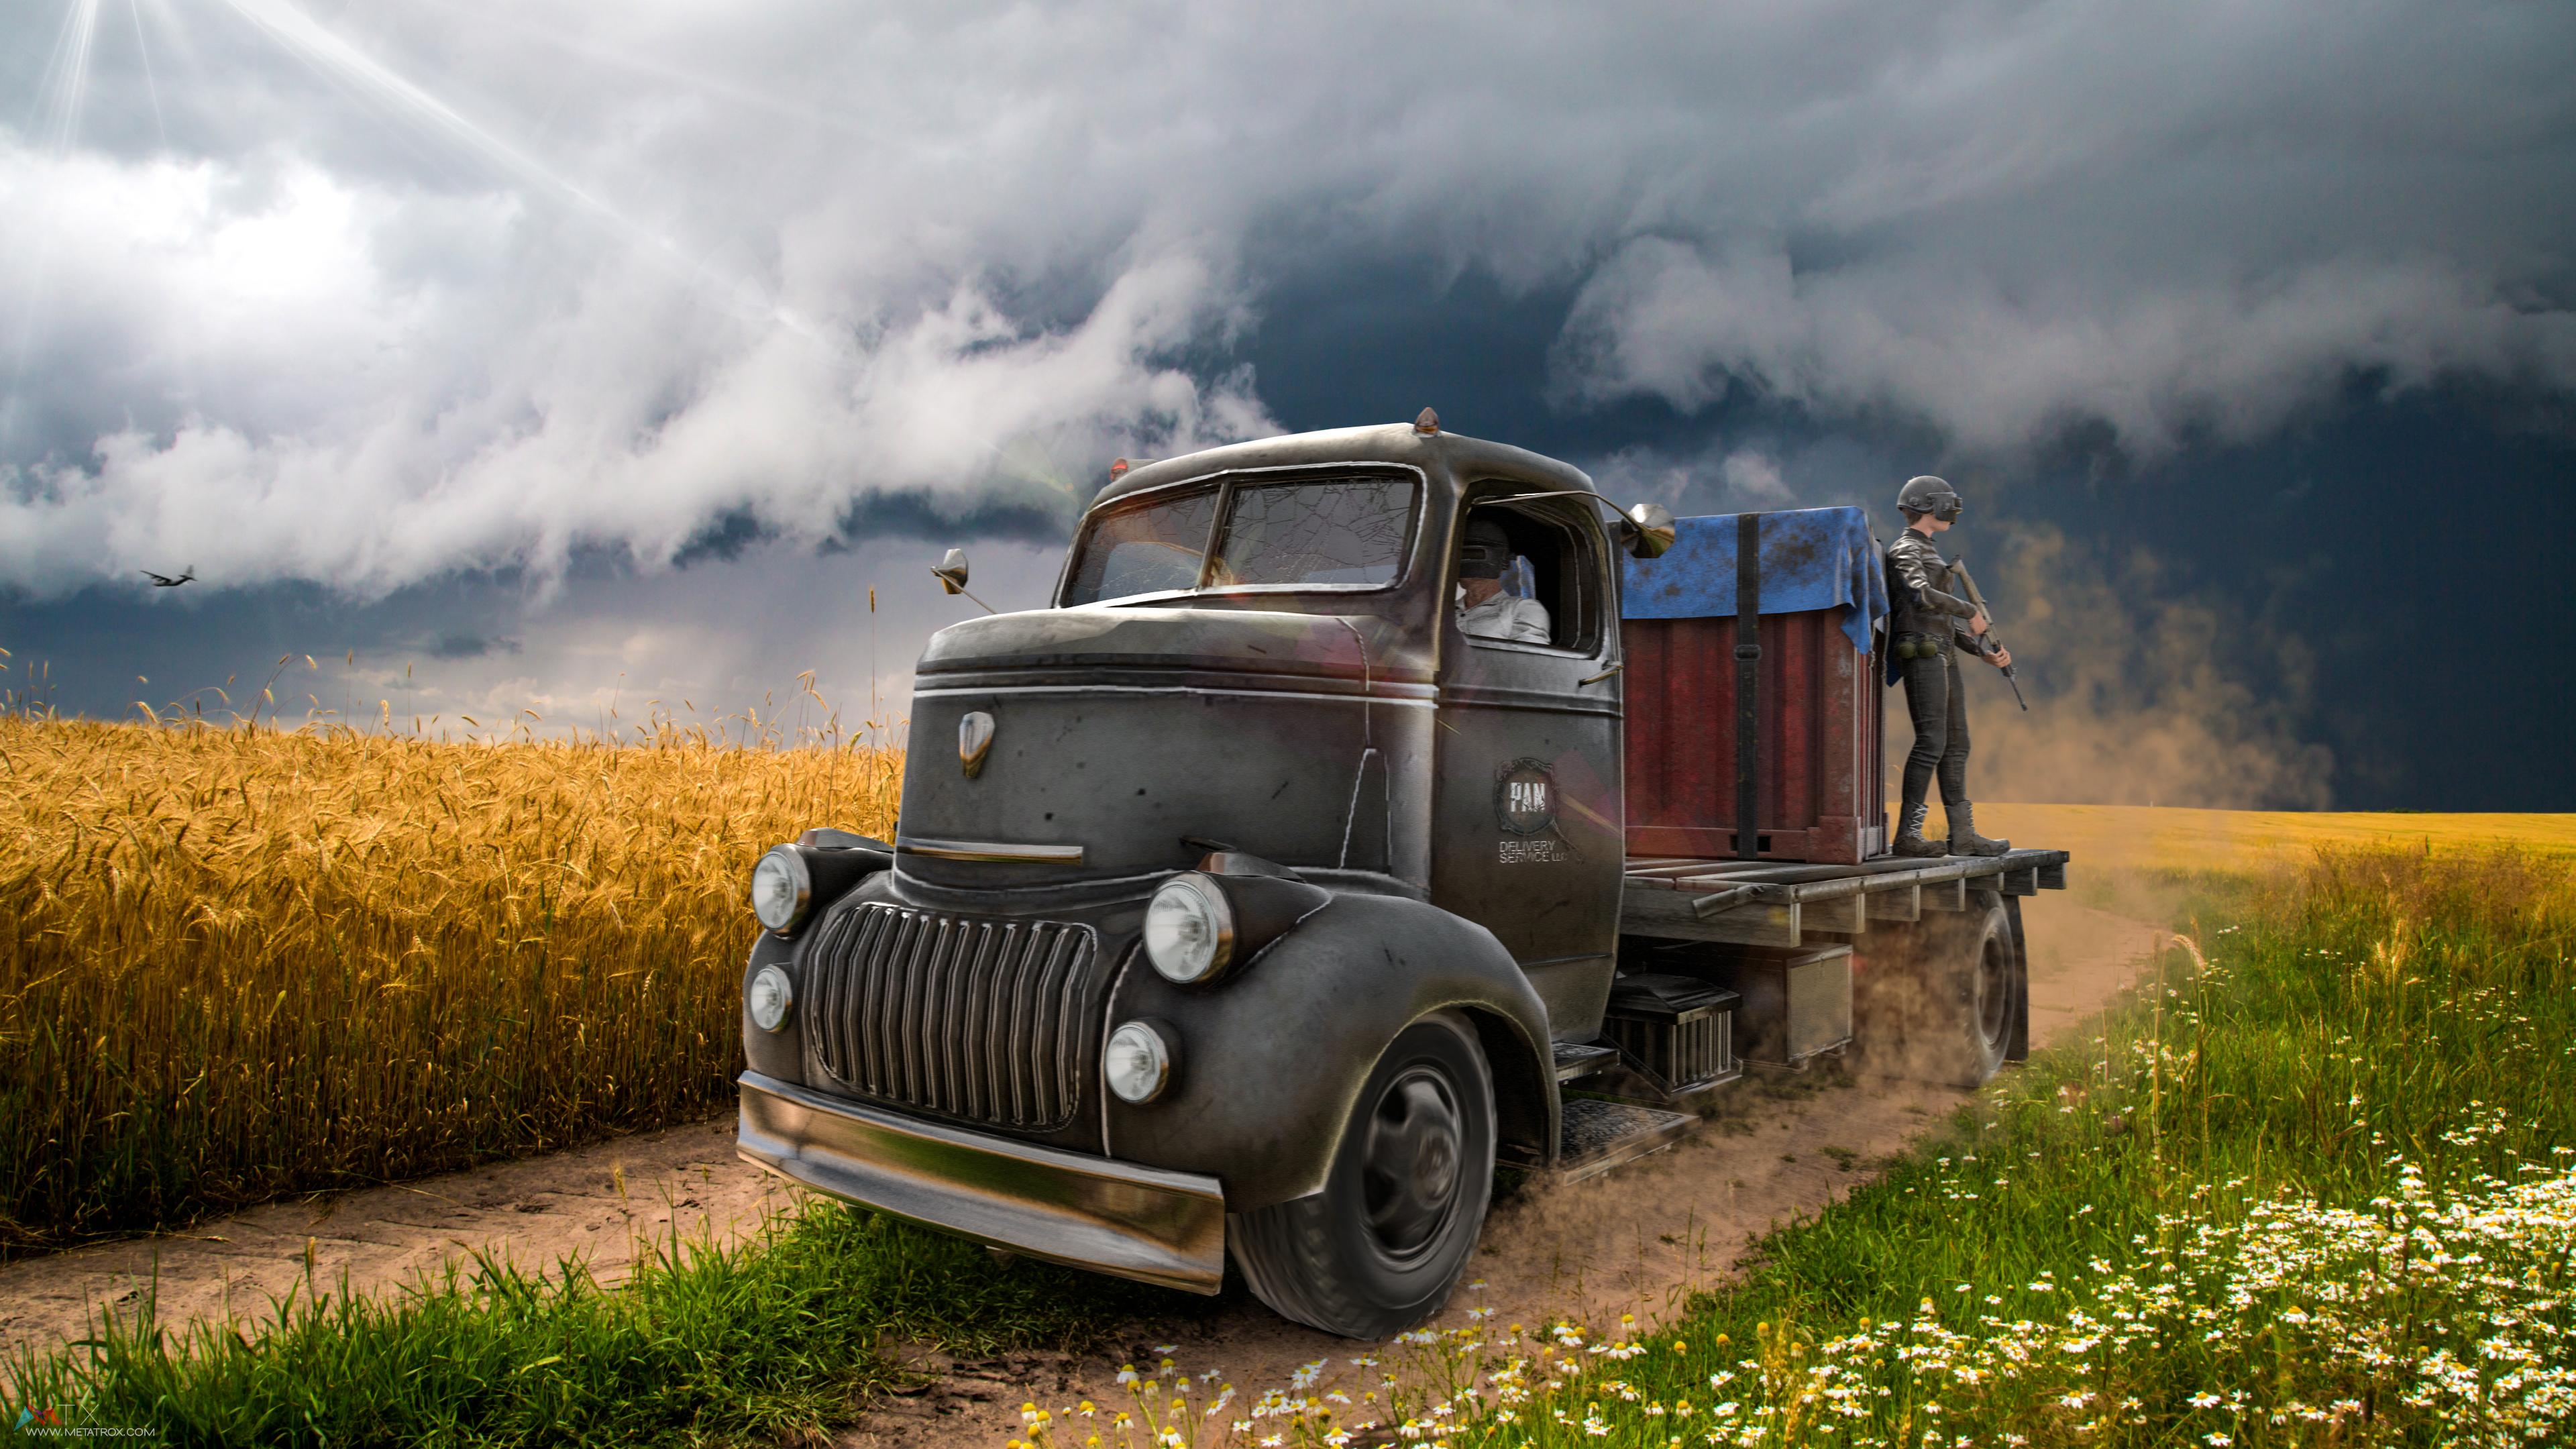 Playerunknowns Battlegrounds Truck 4k - Pubg Wallpaper 4k , HD Wallpaper & Backgrounds